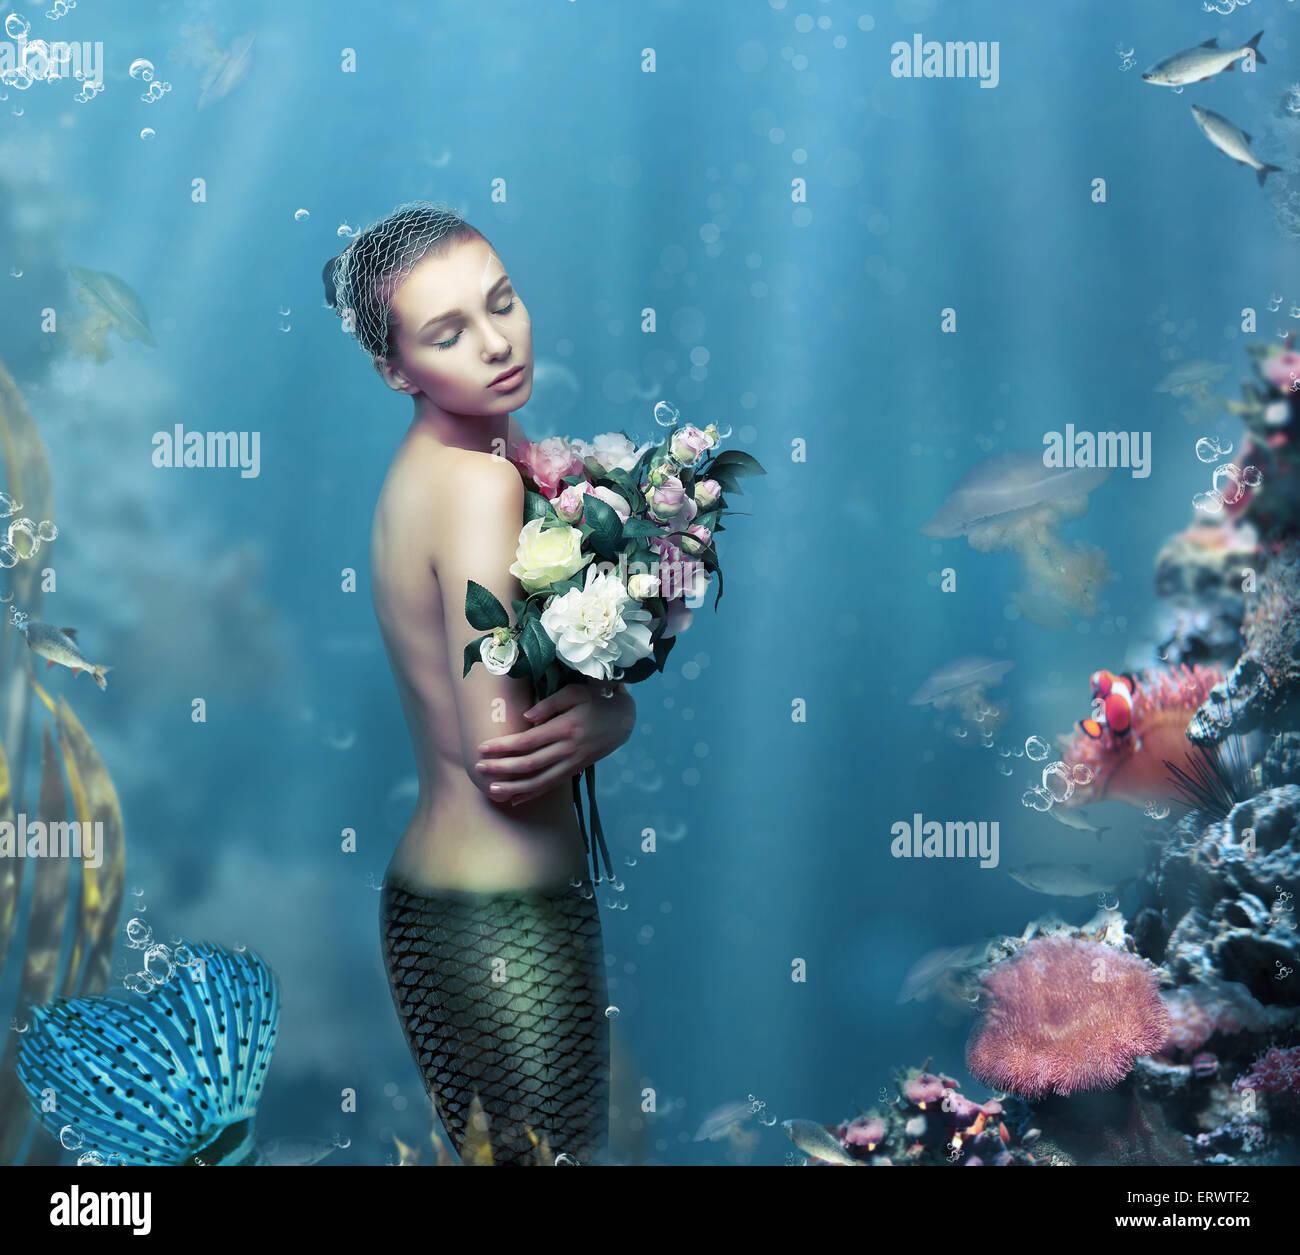 Inspiration. Fantastische Frau mit Blumen in Wasser Stockbild